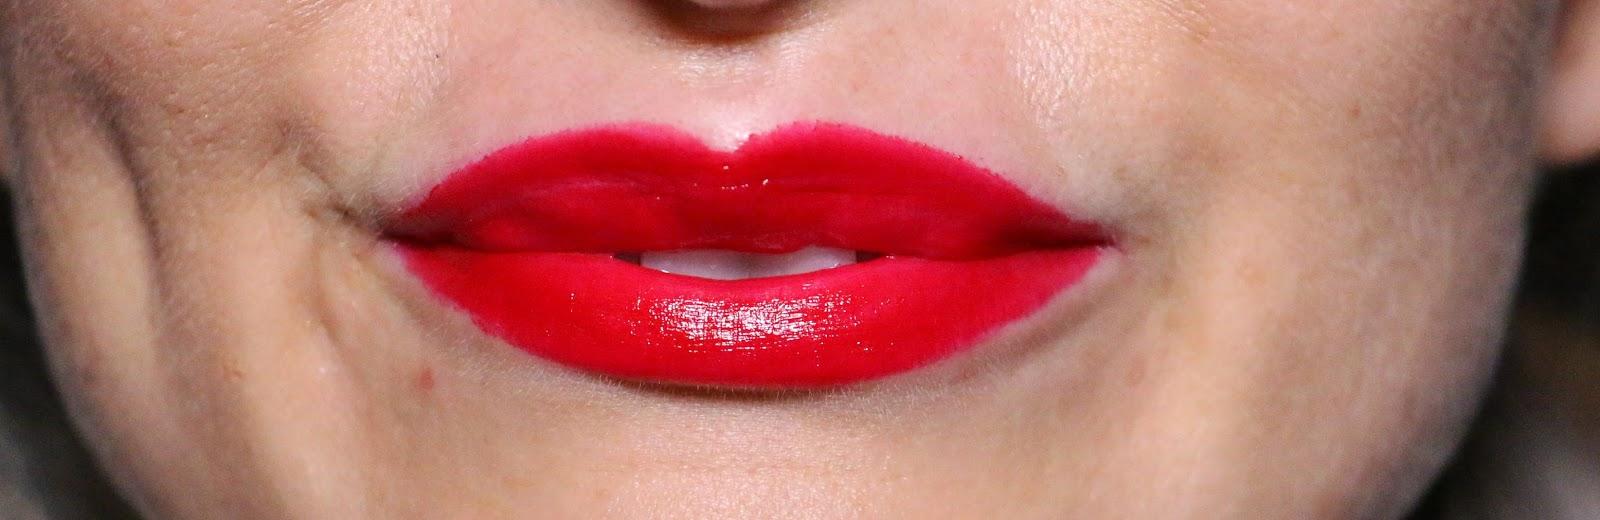 avon - avon indulgence ruj - lipstick - makyaj blogları - kozmetik blogları - lipbalm - nem sağlayan ruj - avon rujları - makyaj uygulaması